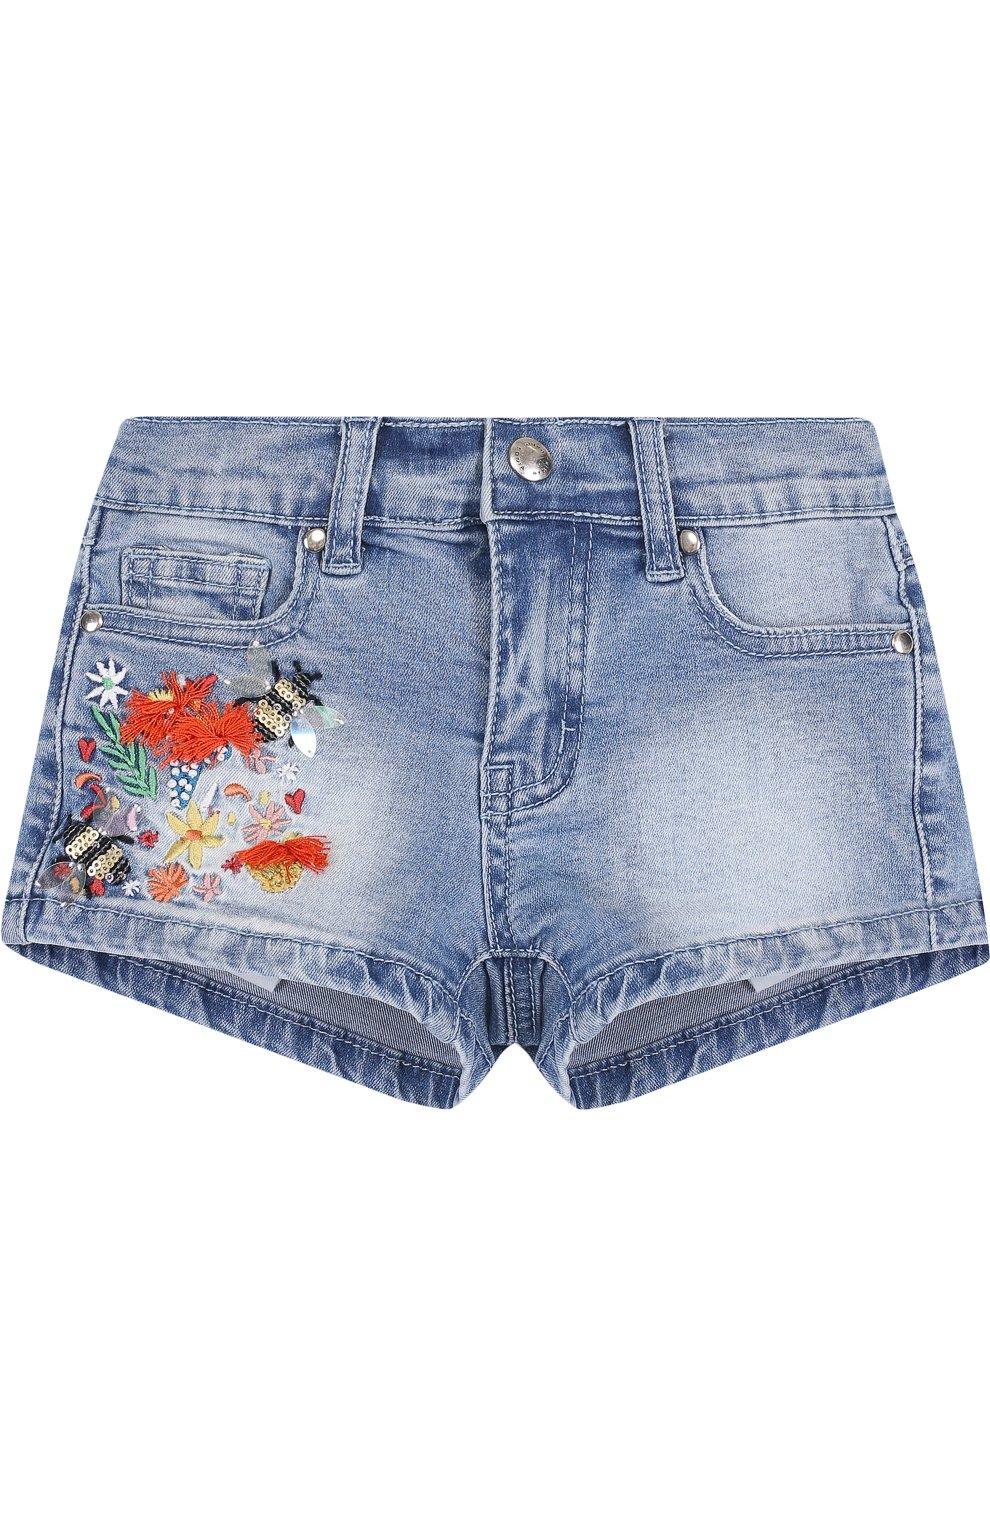 Детские джинсовые шорты с вышивкой SONIA RYKIEL ENFANT голубого цвета, арт. 18S1S003 | Фото 1